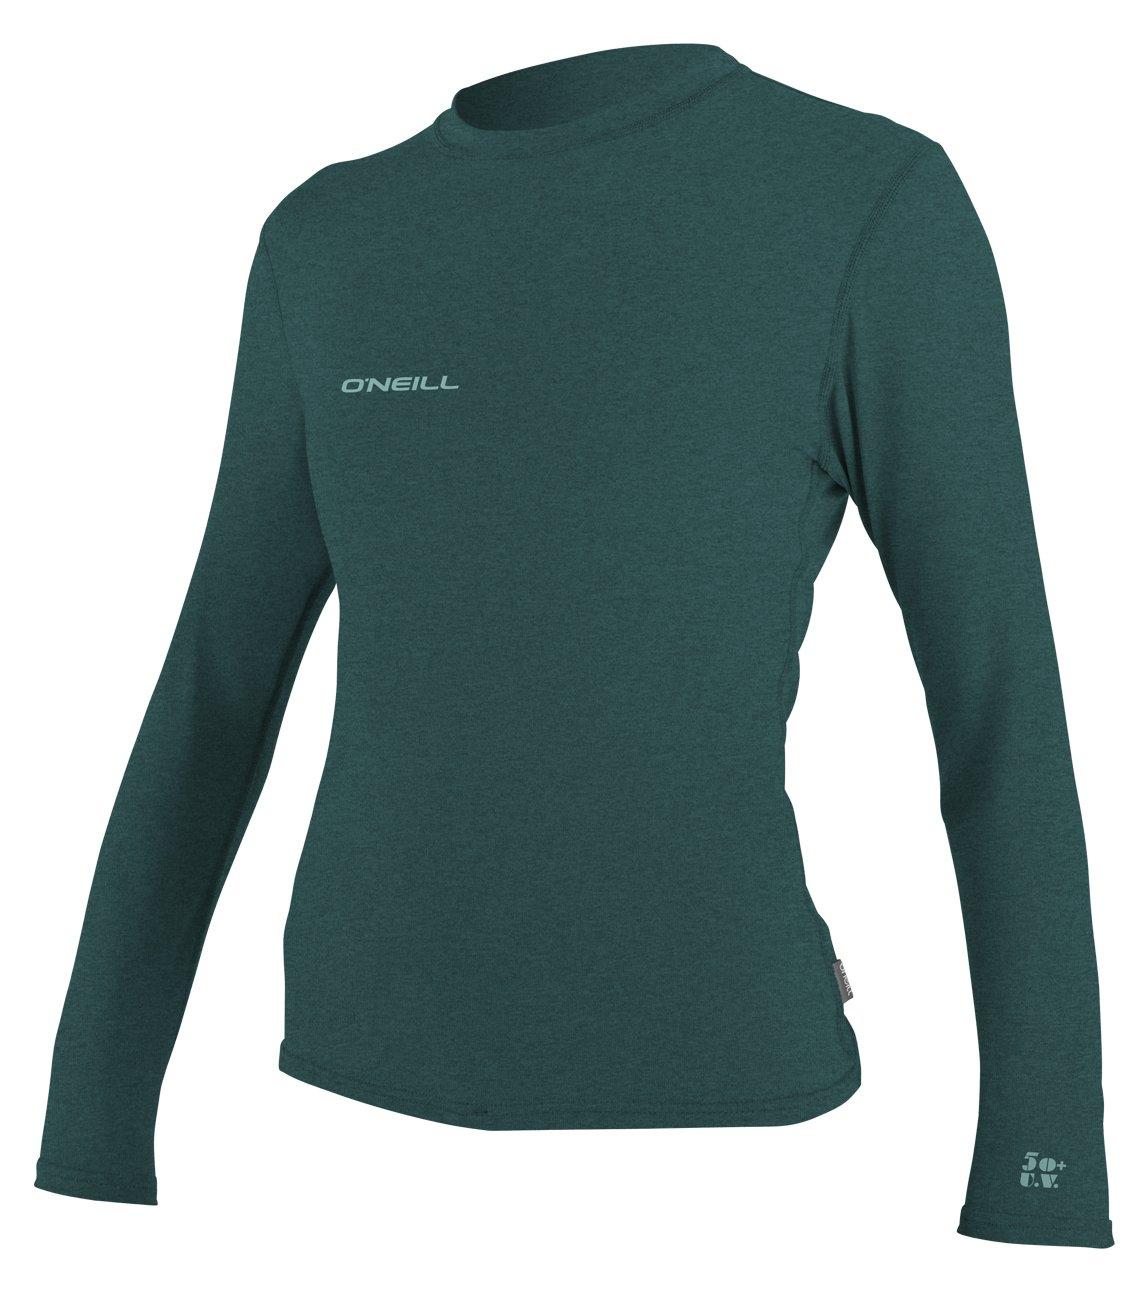 O'Neill Women's Hybrid UPF 50+ Long Sleeve Sun Shirt, Deep Teal, Small